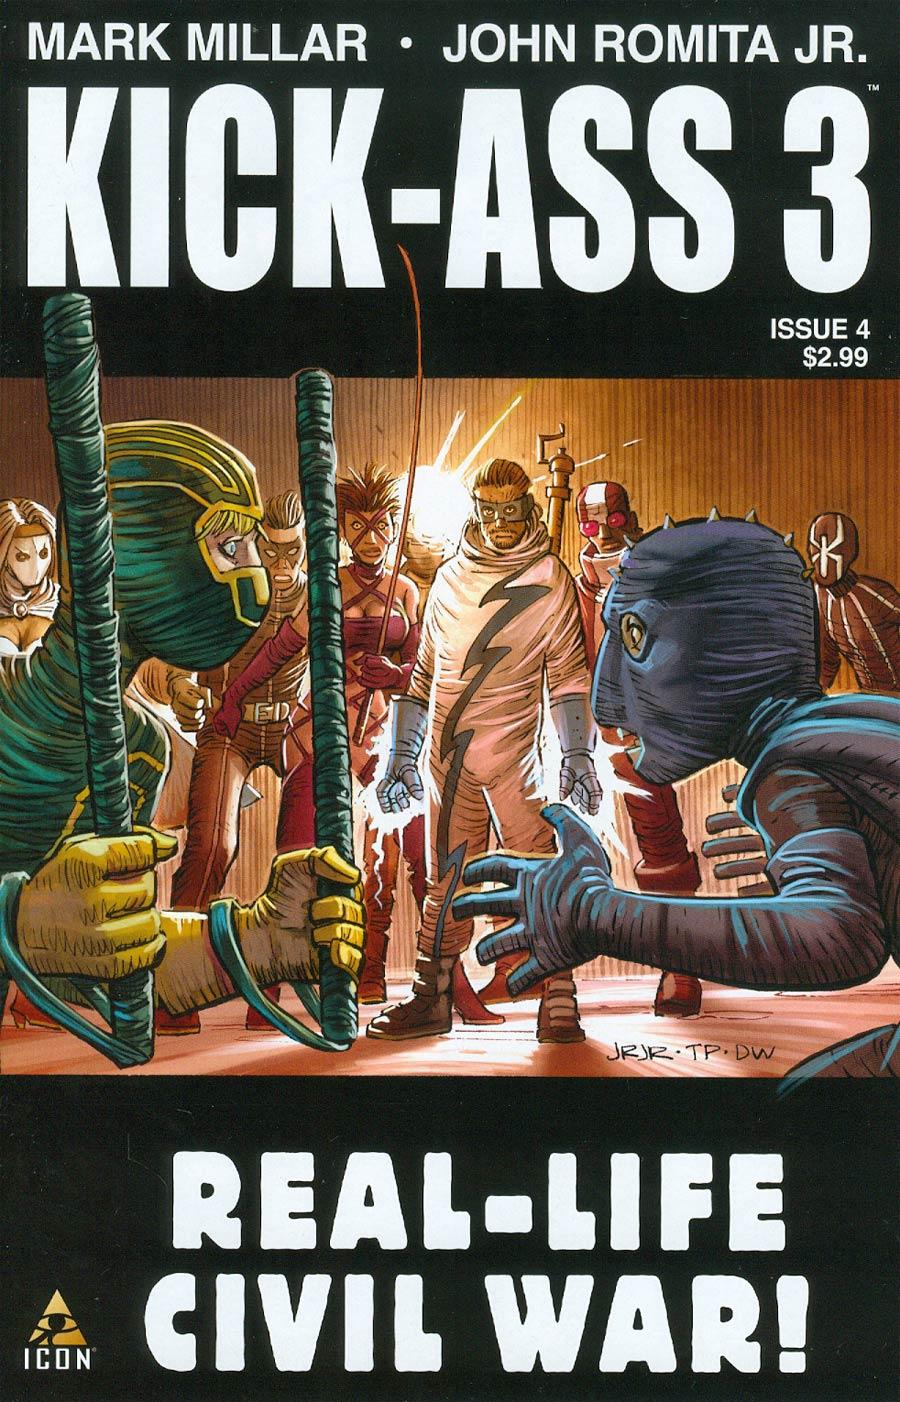 Kick-Ass 3 #4 Cover A Regular John Romita Jr Cover